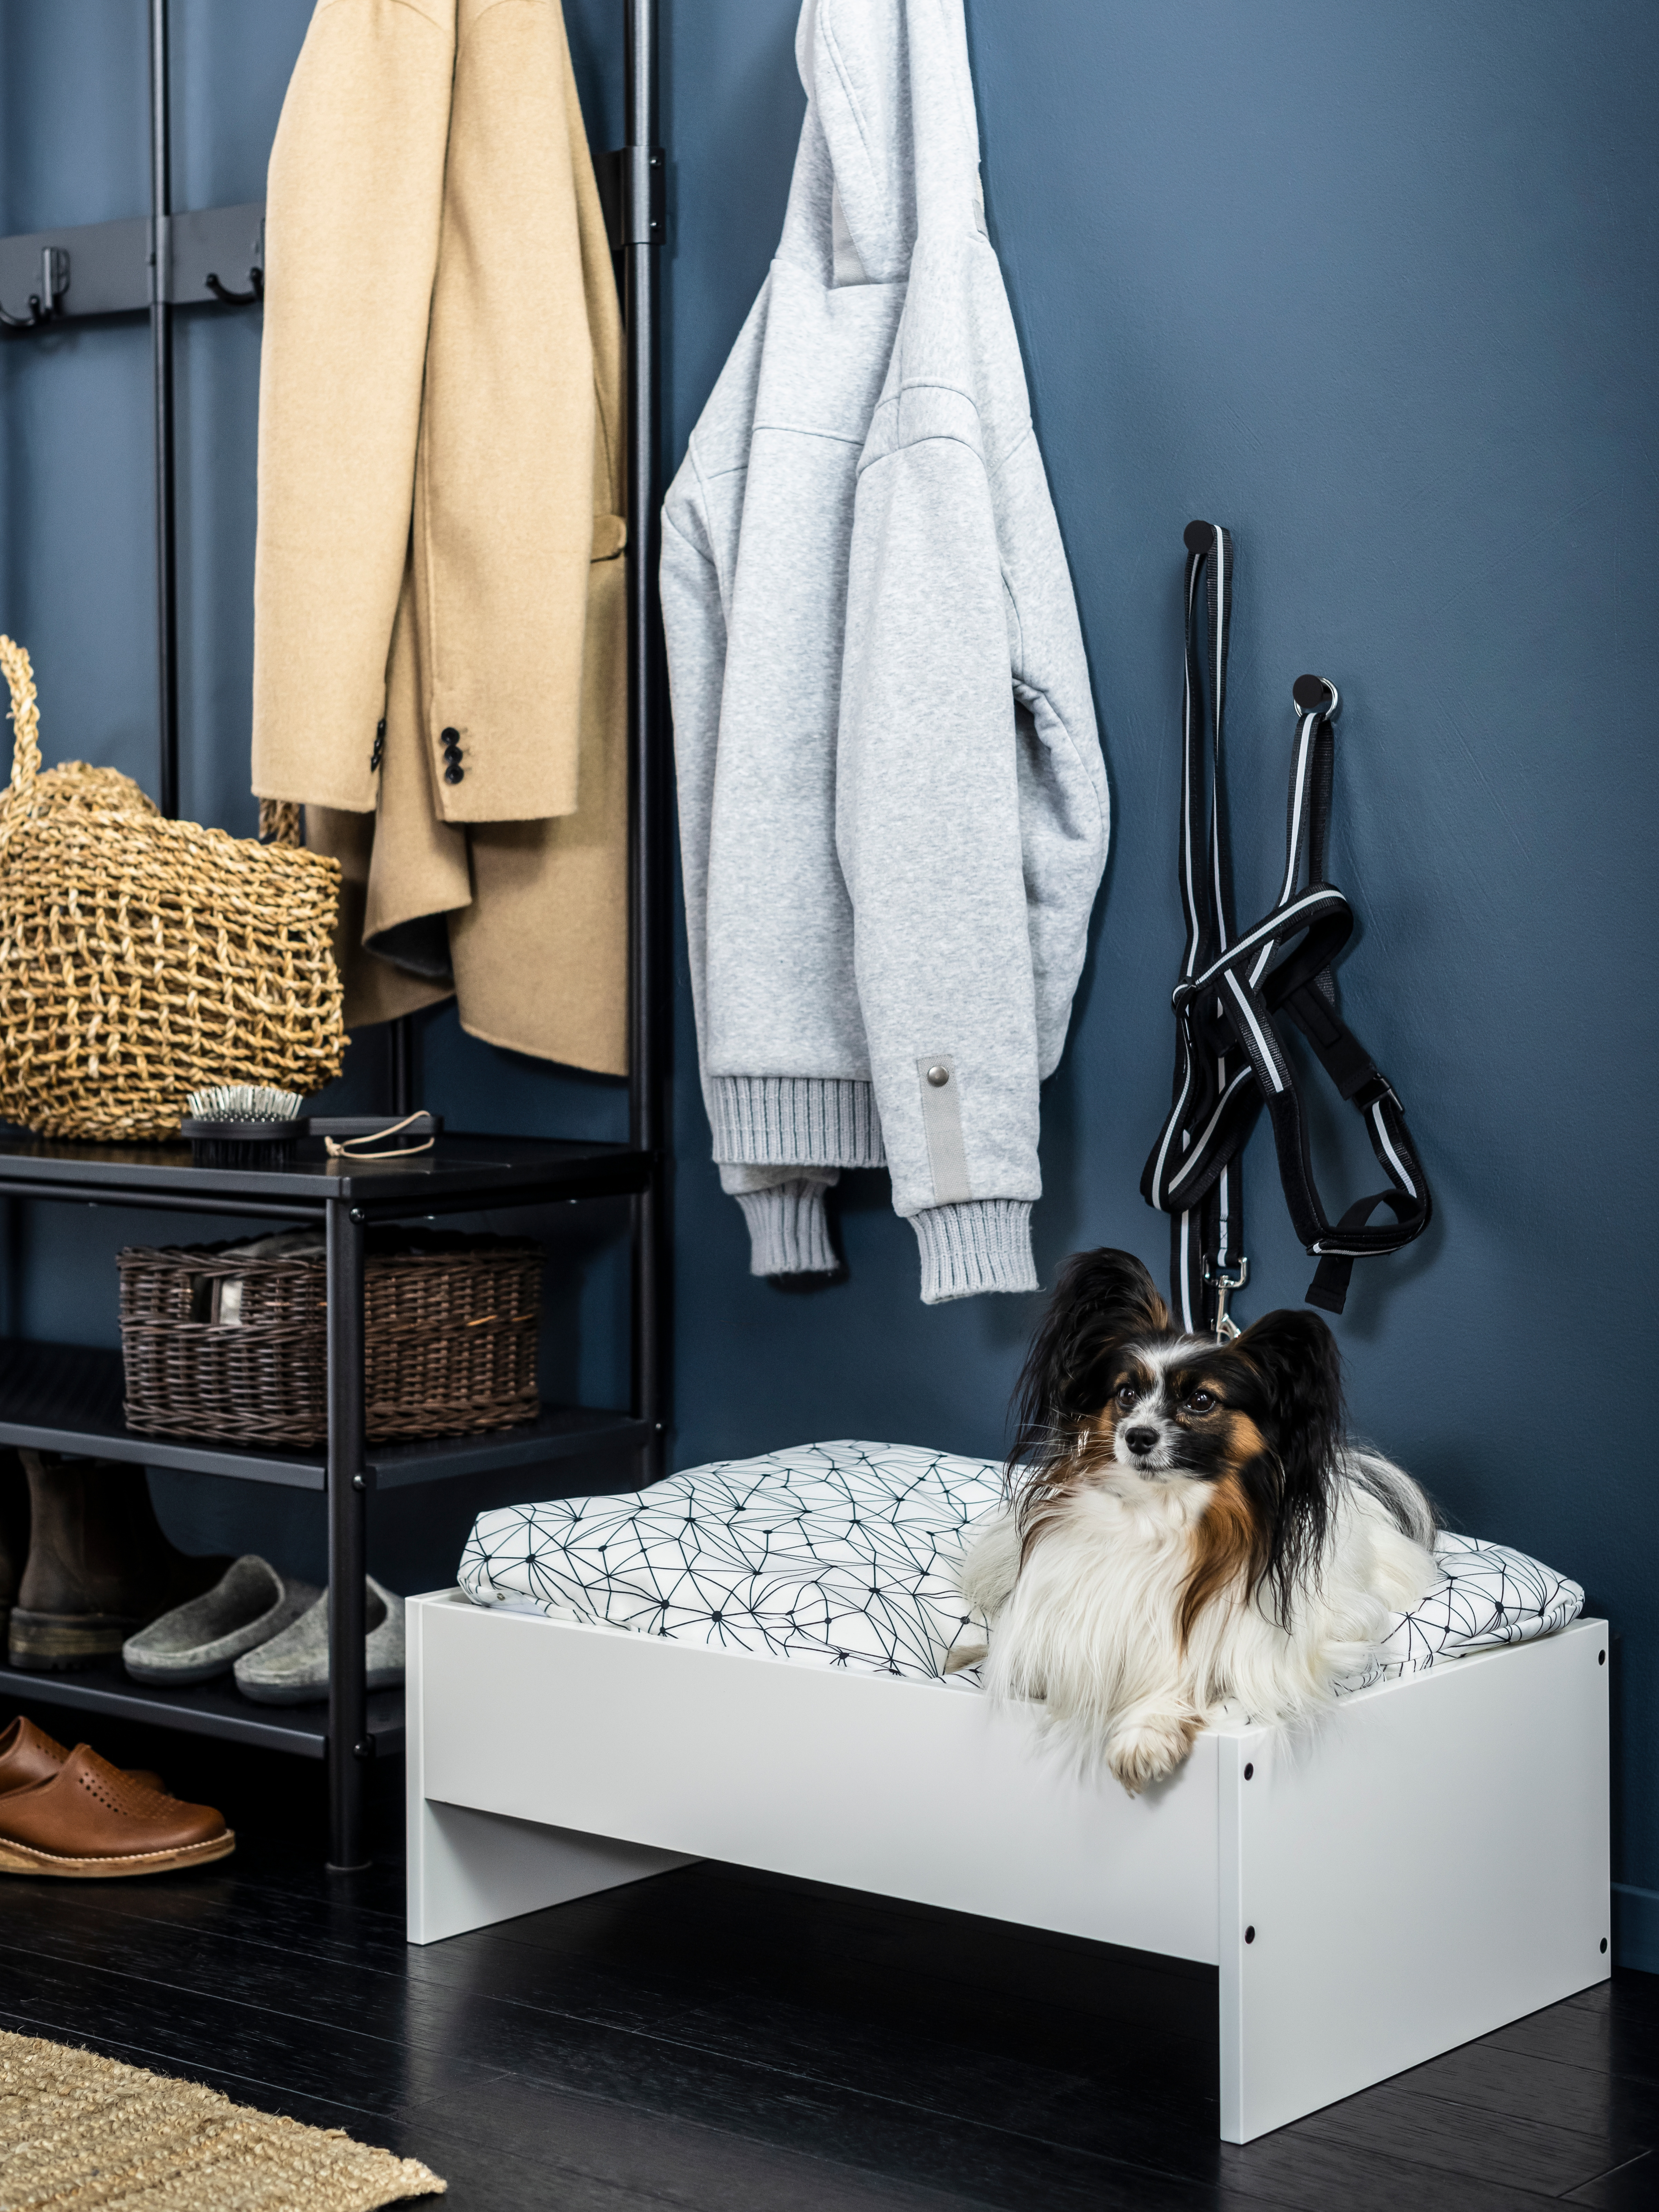 Mali pas u LURVIG okviru kreveta s LURVIG ukrasnim jastukom. Krevet se nalazi u tamnoplavom hodniku u blizini vješalice za kapute.